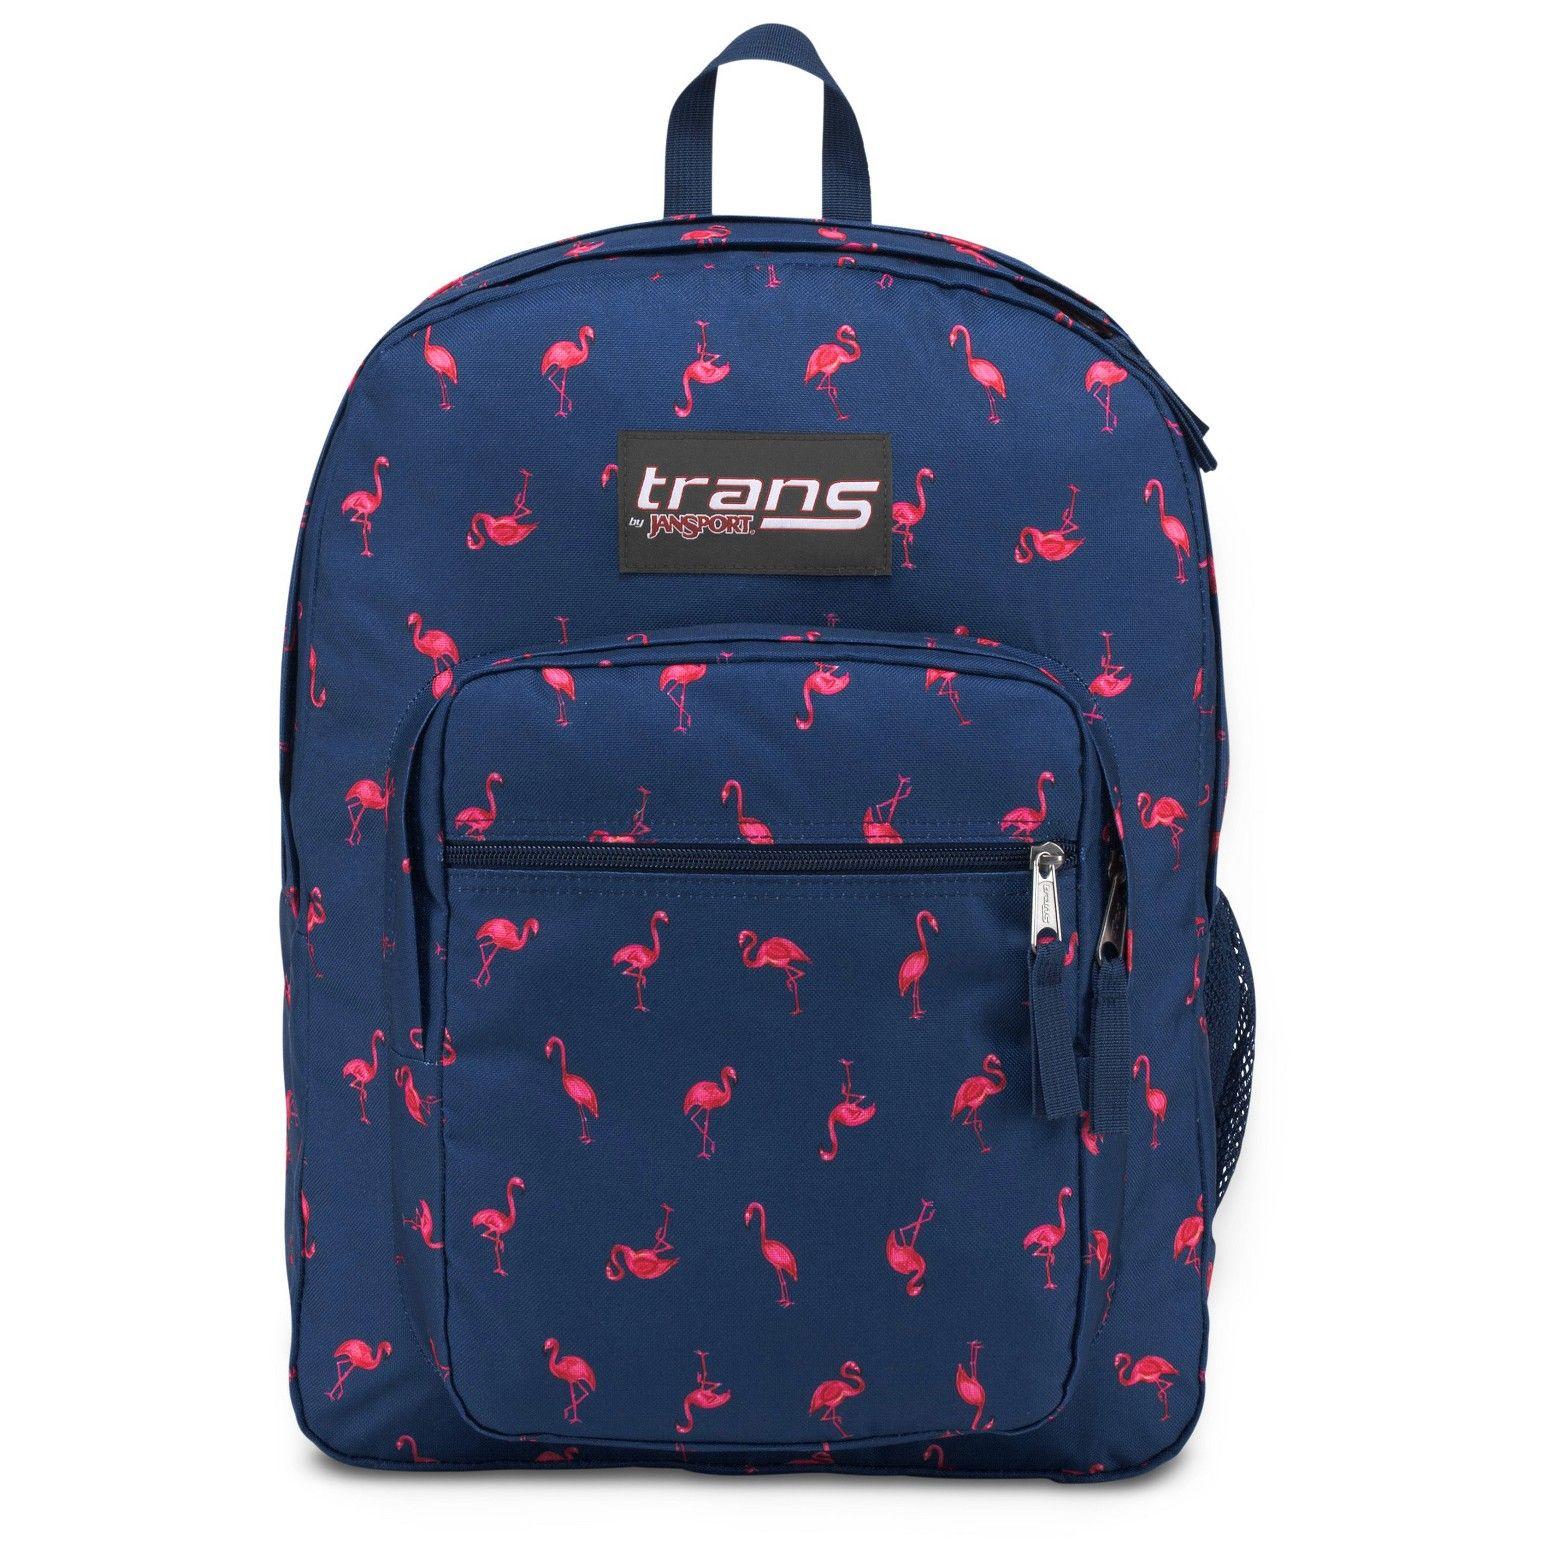 trans by jansport pink flamingo backpack navy blue jansport